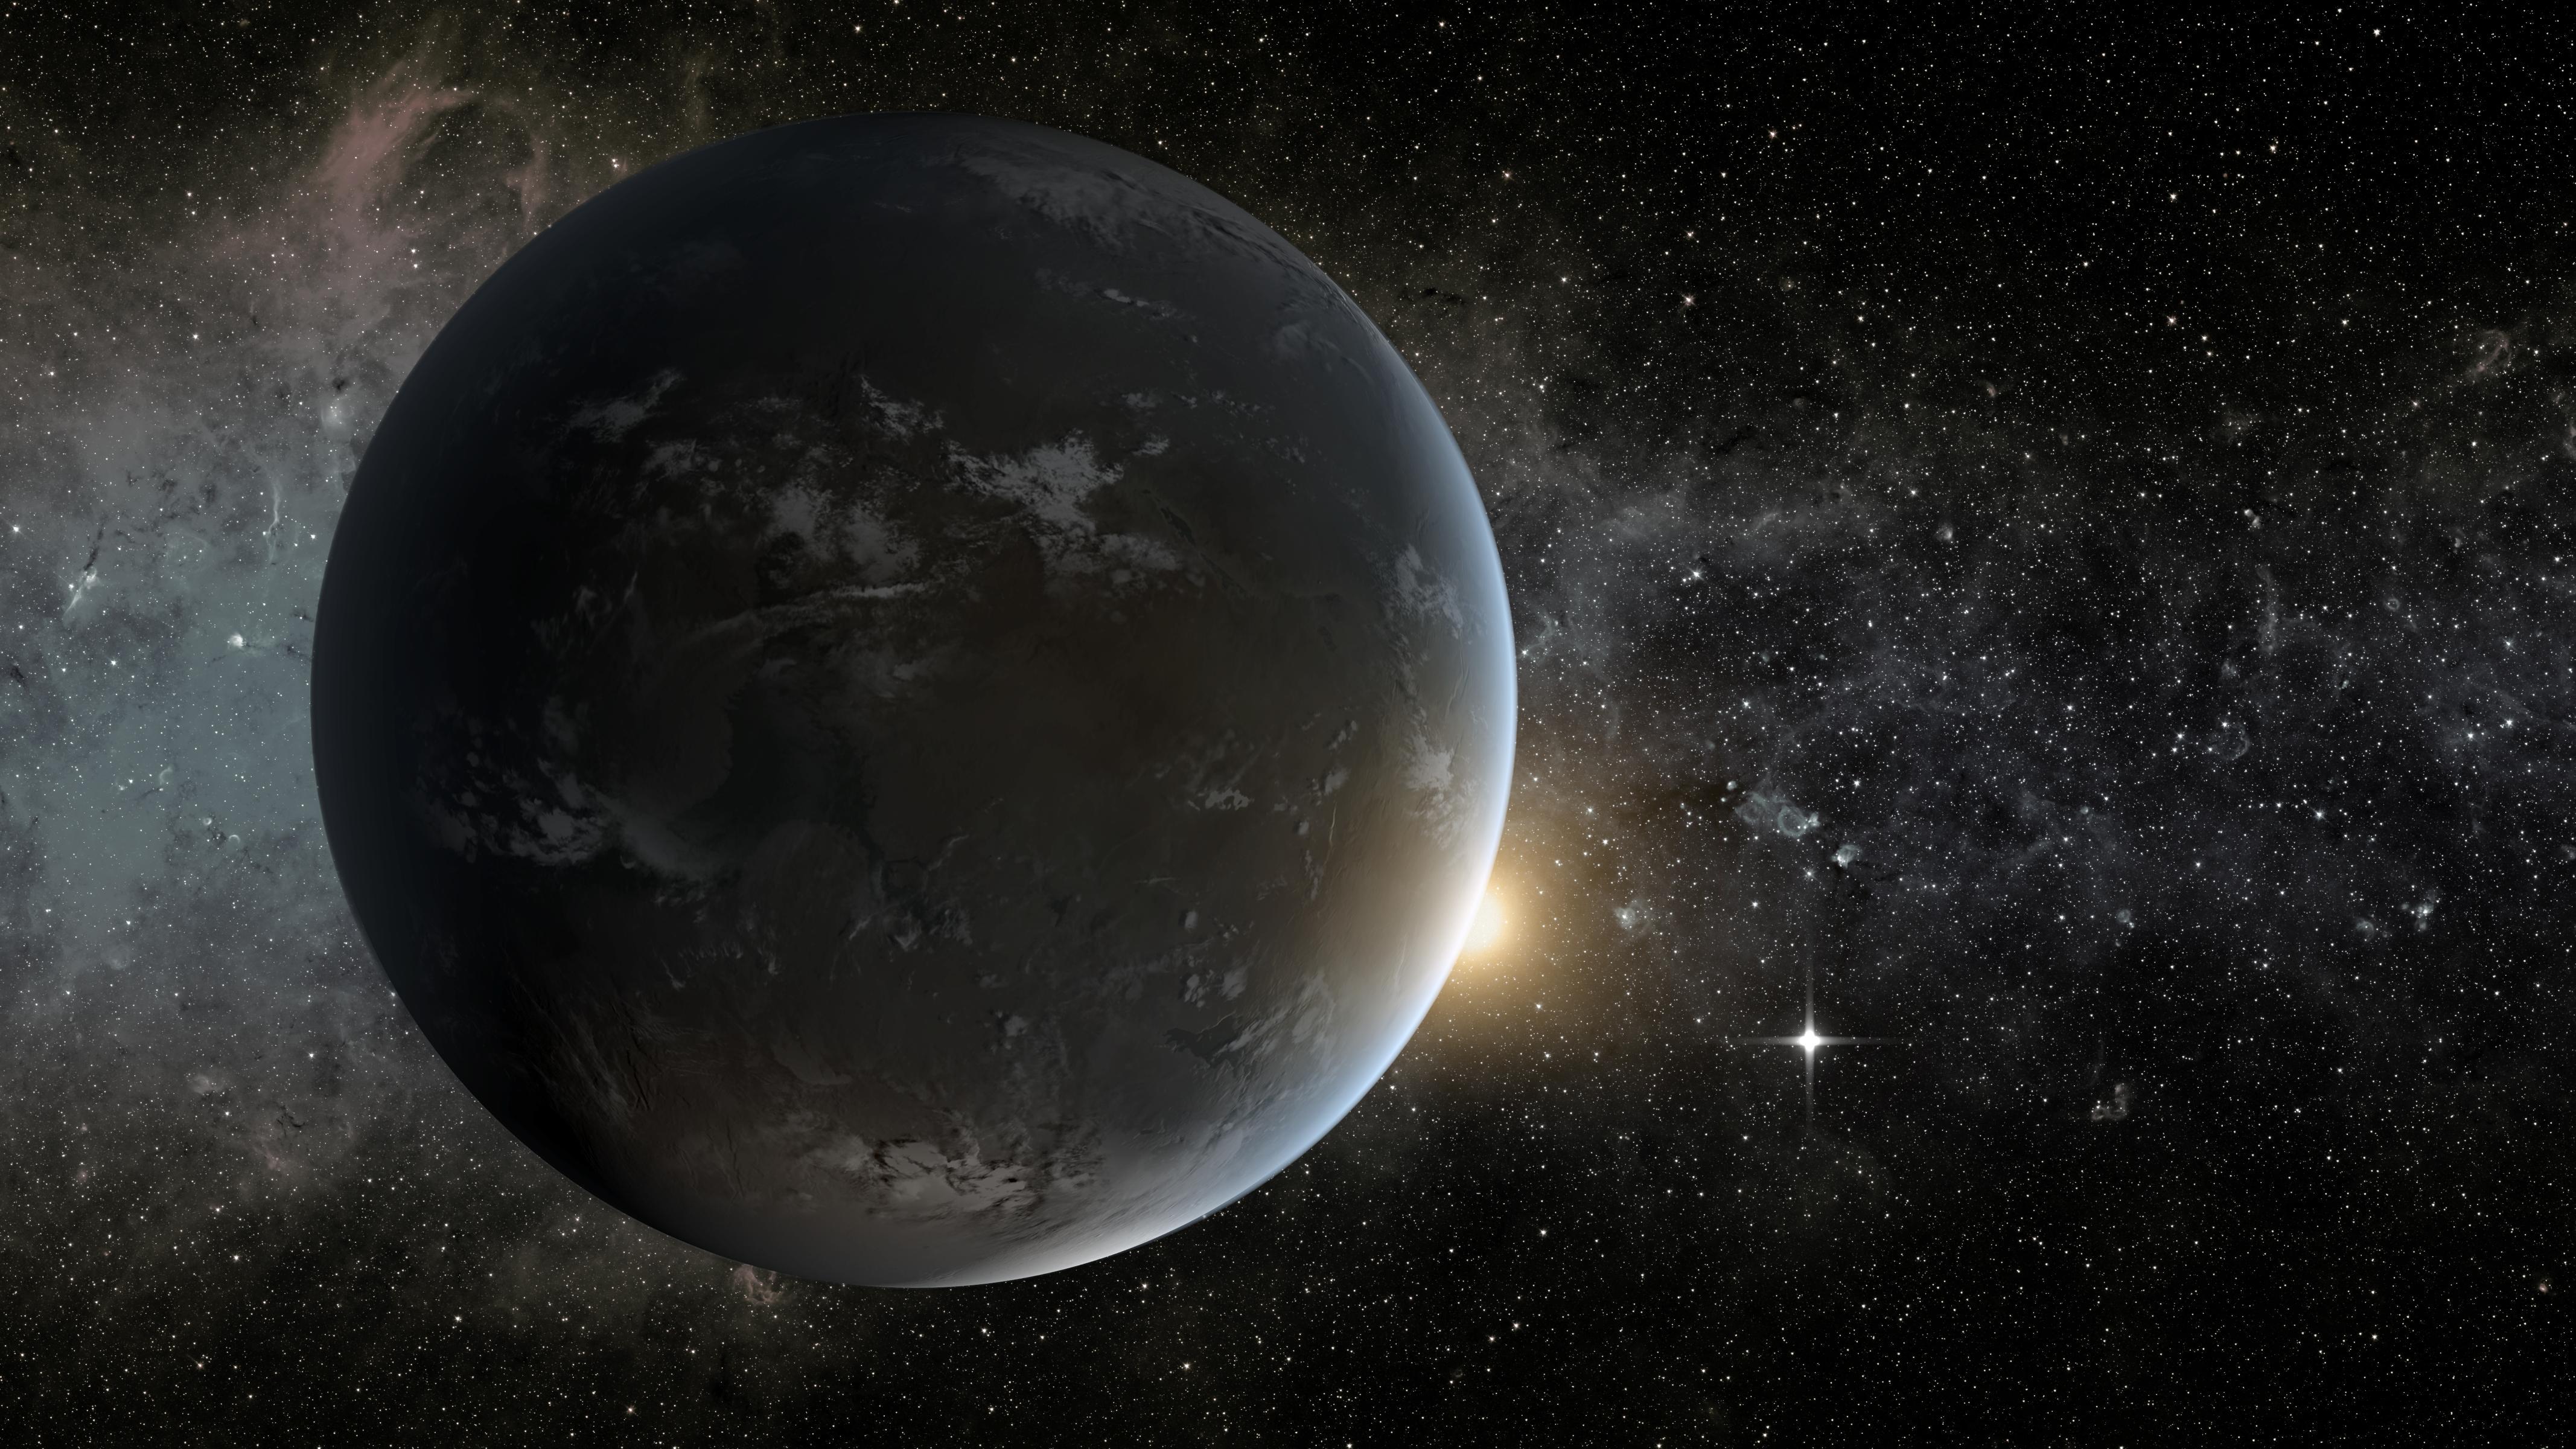 Alien Super-Earth Planets Plentiful in Exoplanet Search